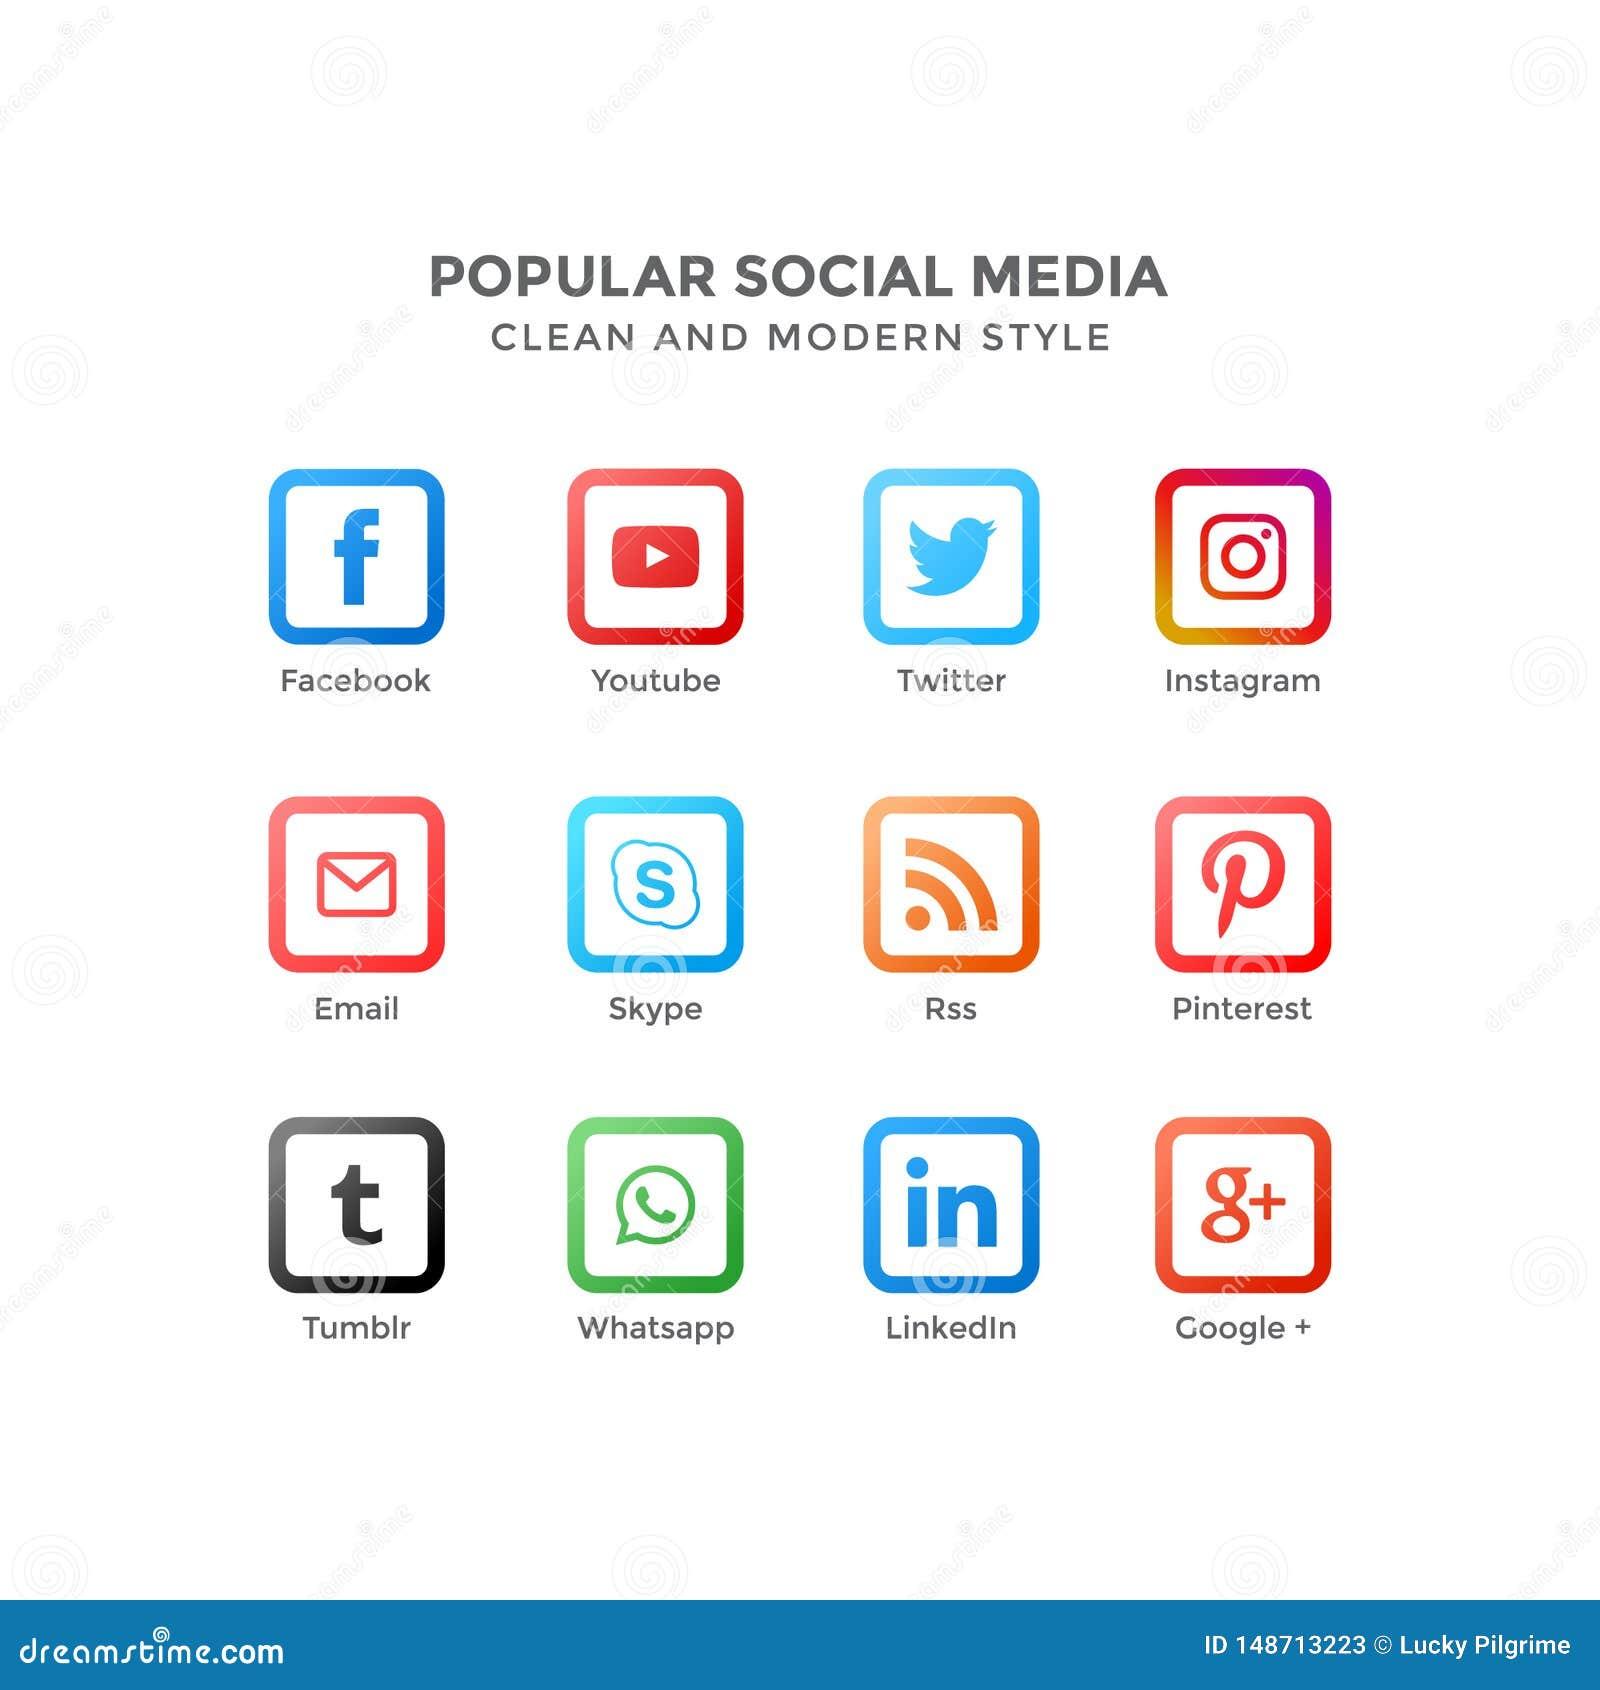 Vektorsymboler av populärt socialt massmedia i ren och modern stil